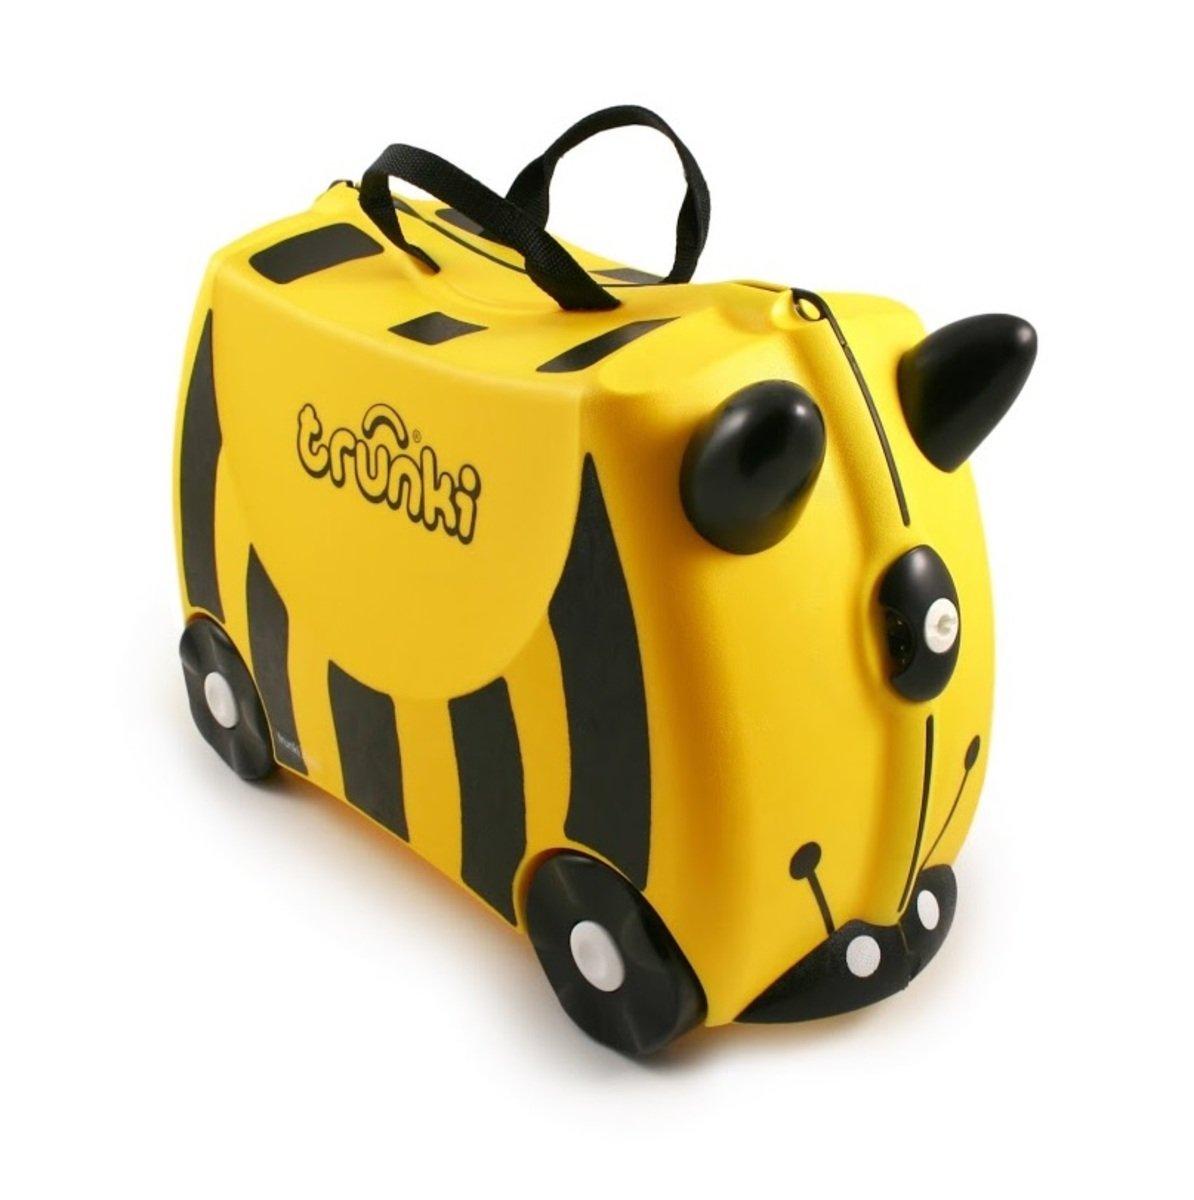 小朋友行李箱 - 小蜜蜂